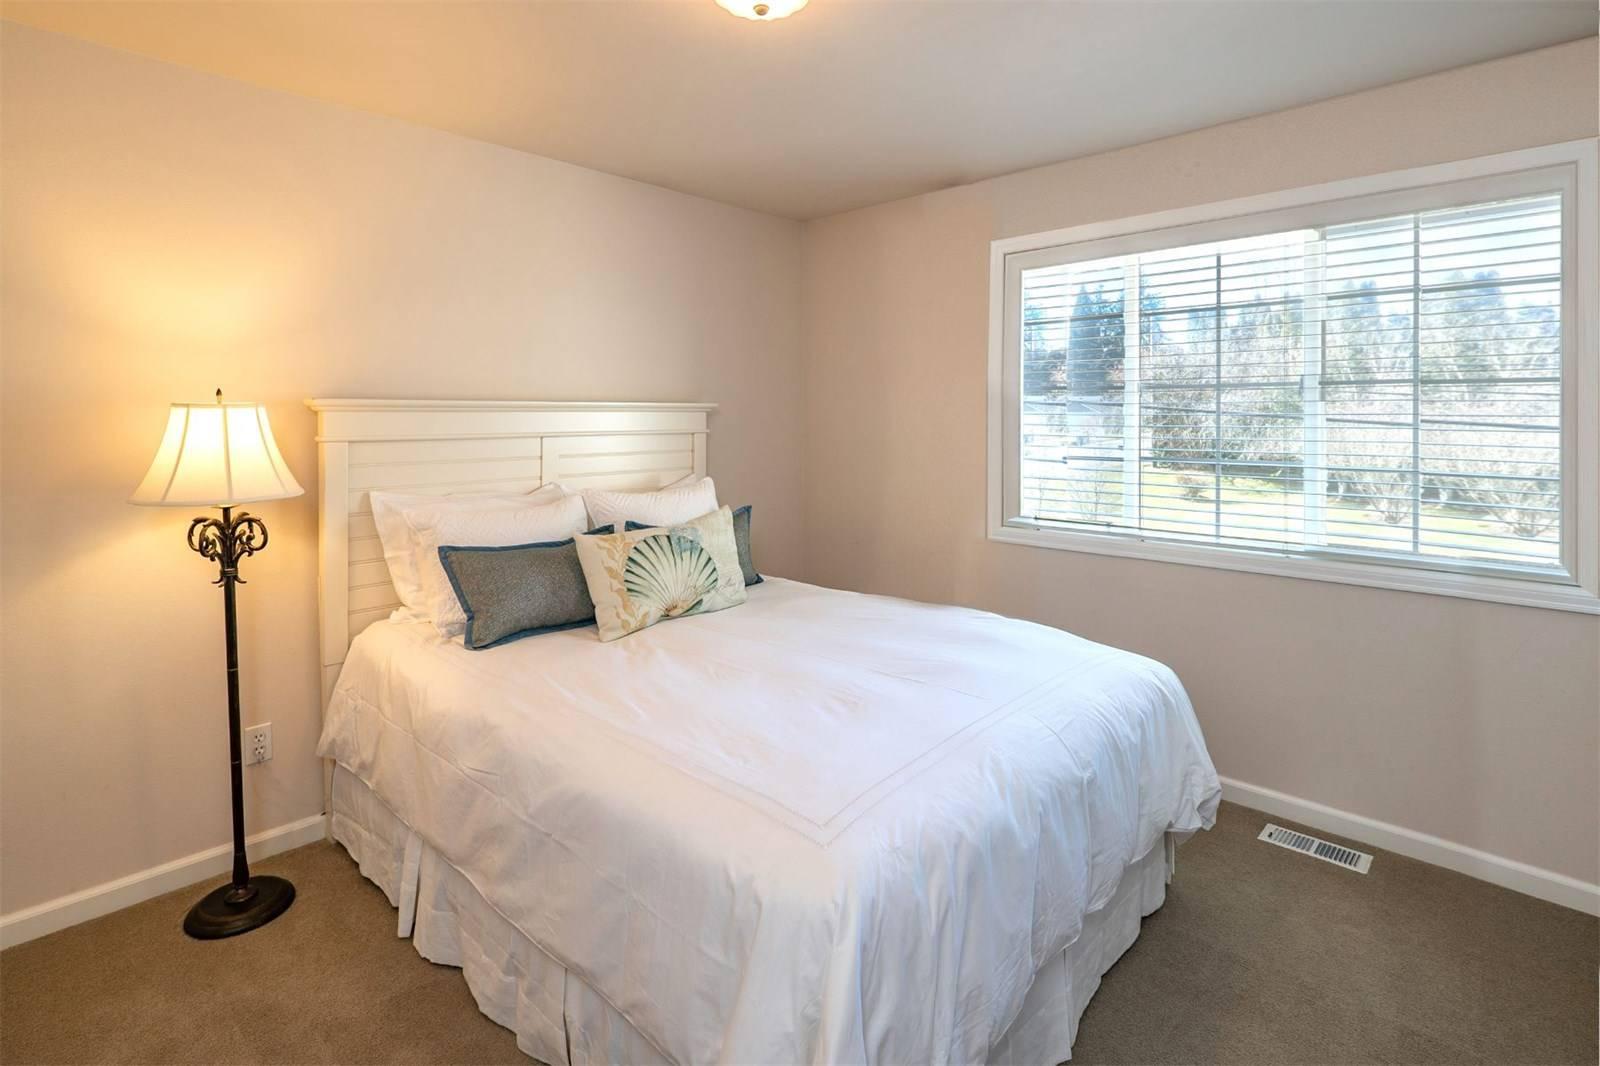 1624 108th Avenue Northeast, Bellevue - Helen Pederslie (15).jpg